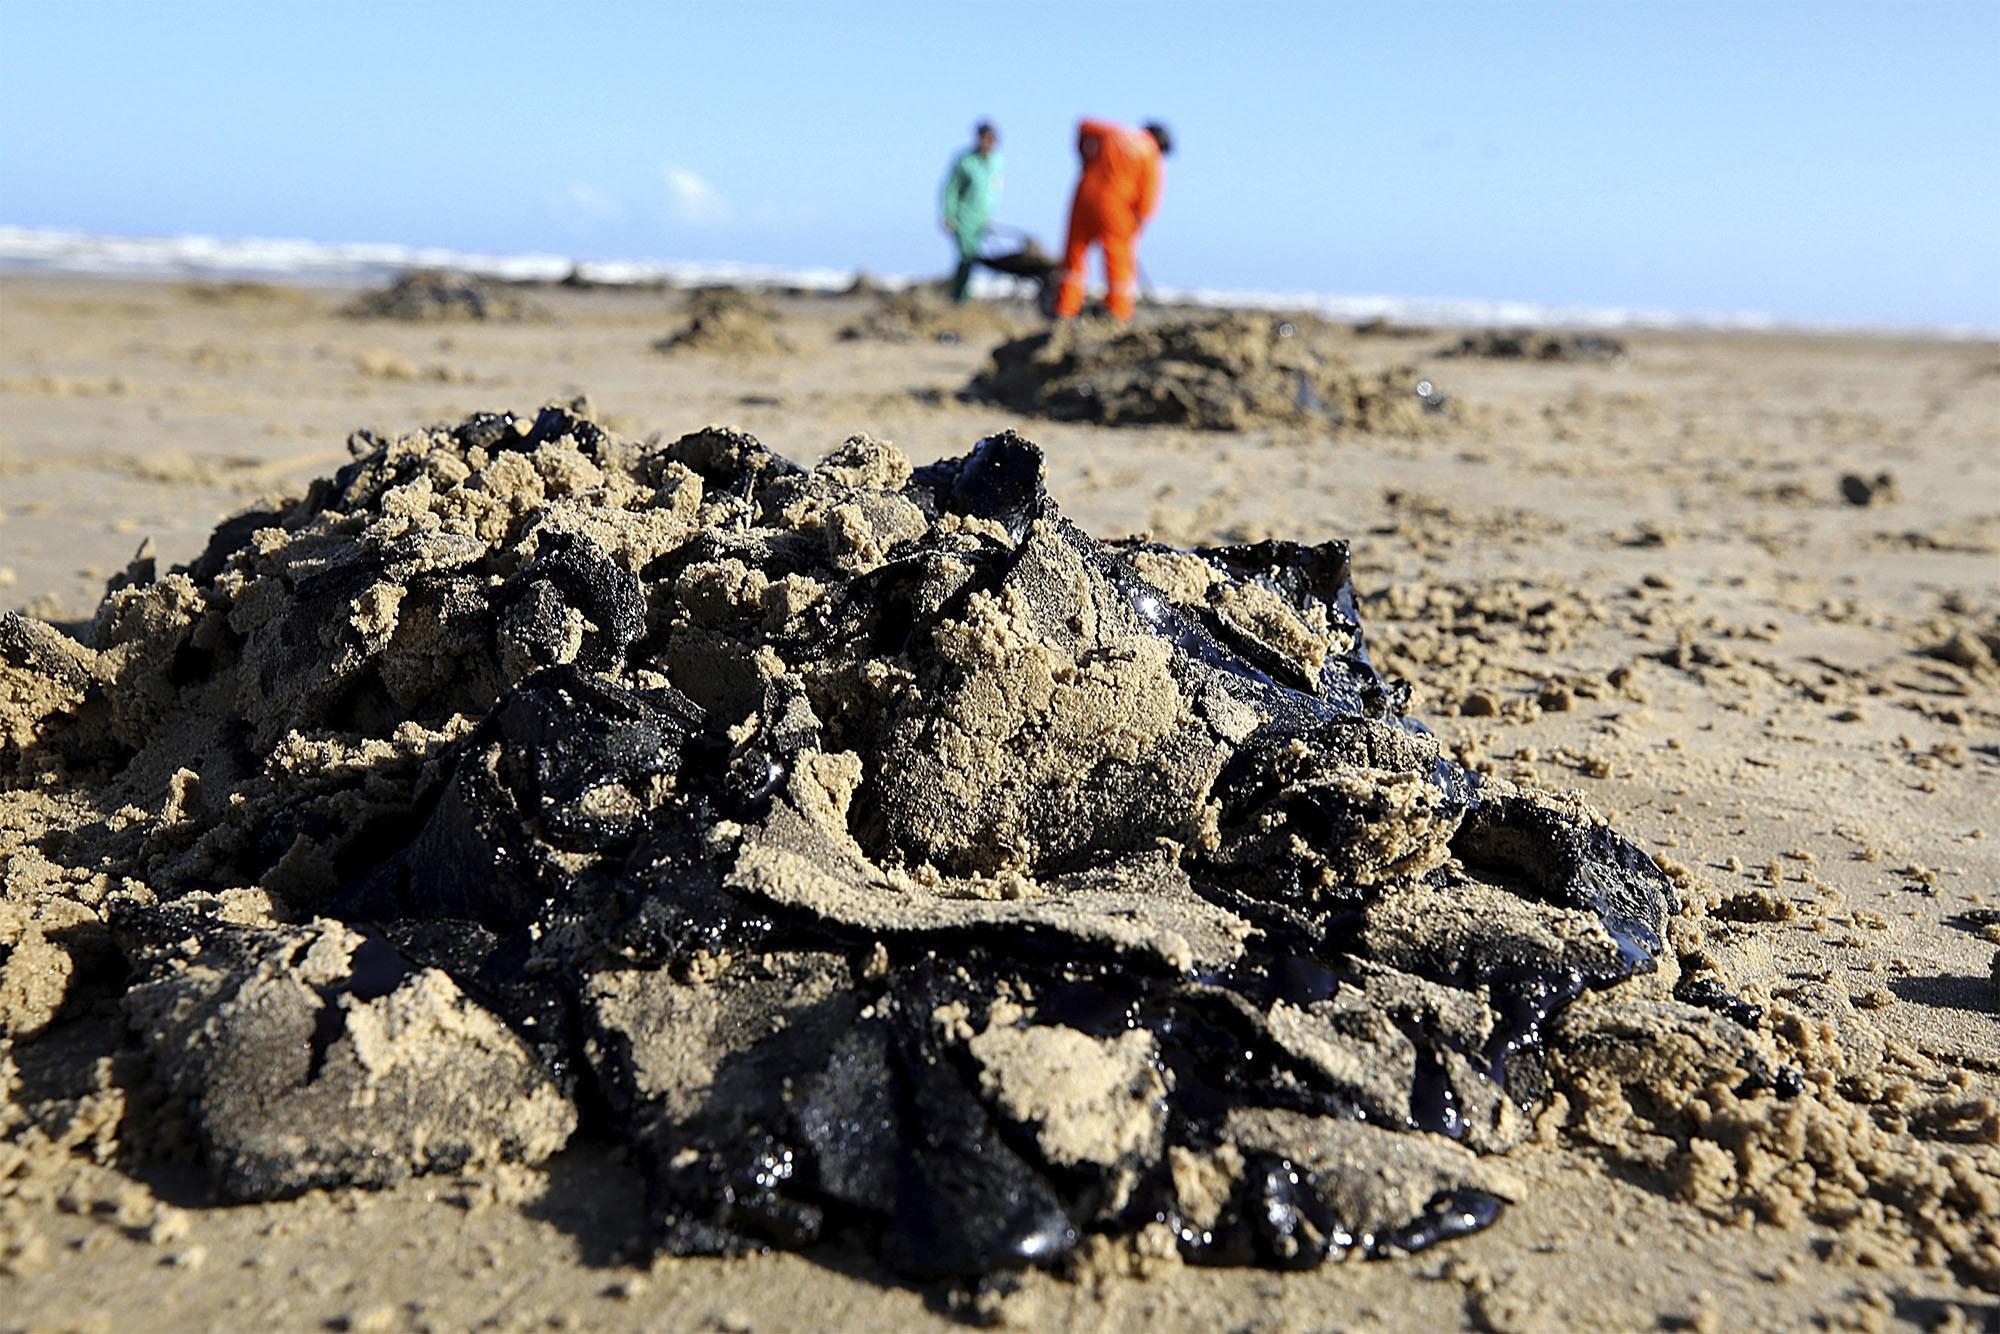 Estado de Sergipe solicita R$ 22 milhões ao Governo Federal para ações de resposta ao desastre ambiental - Notícias - Plantão Diário